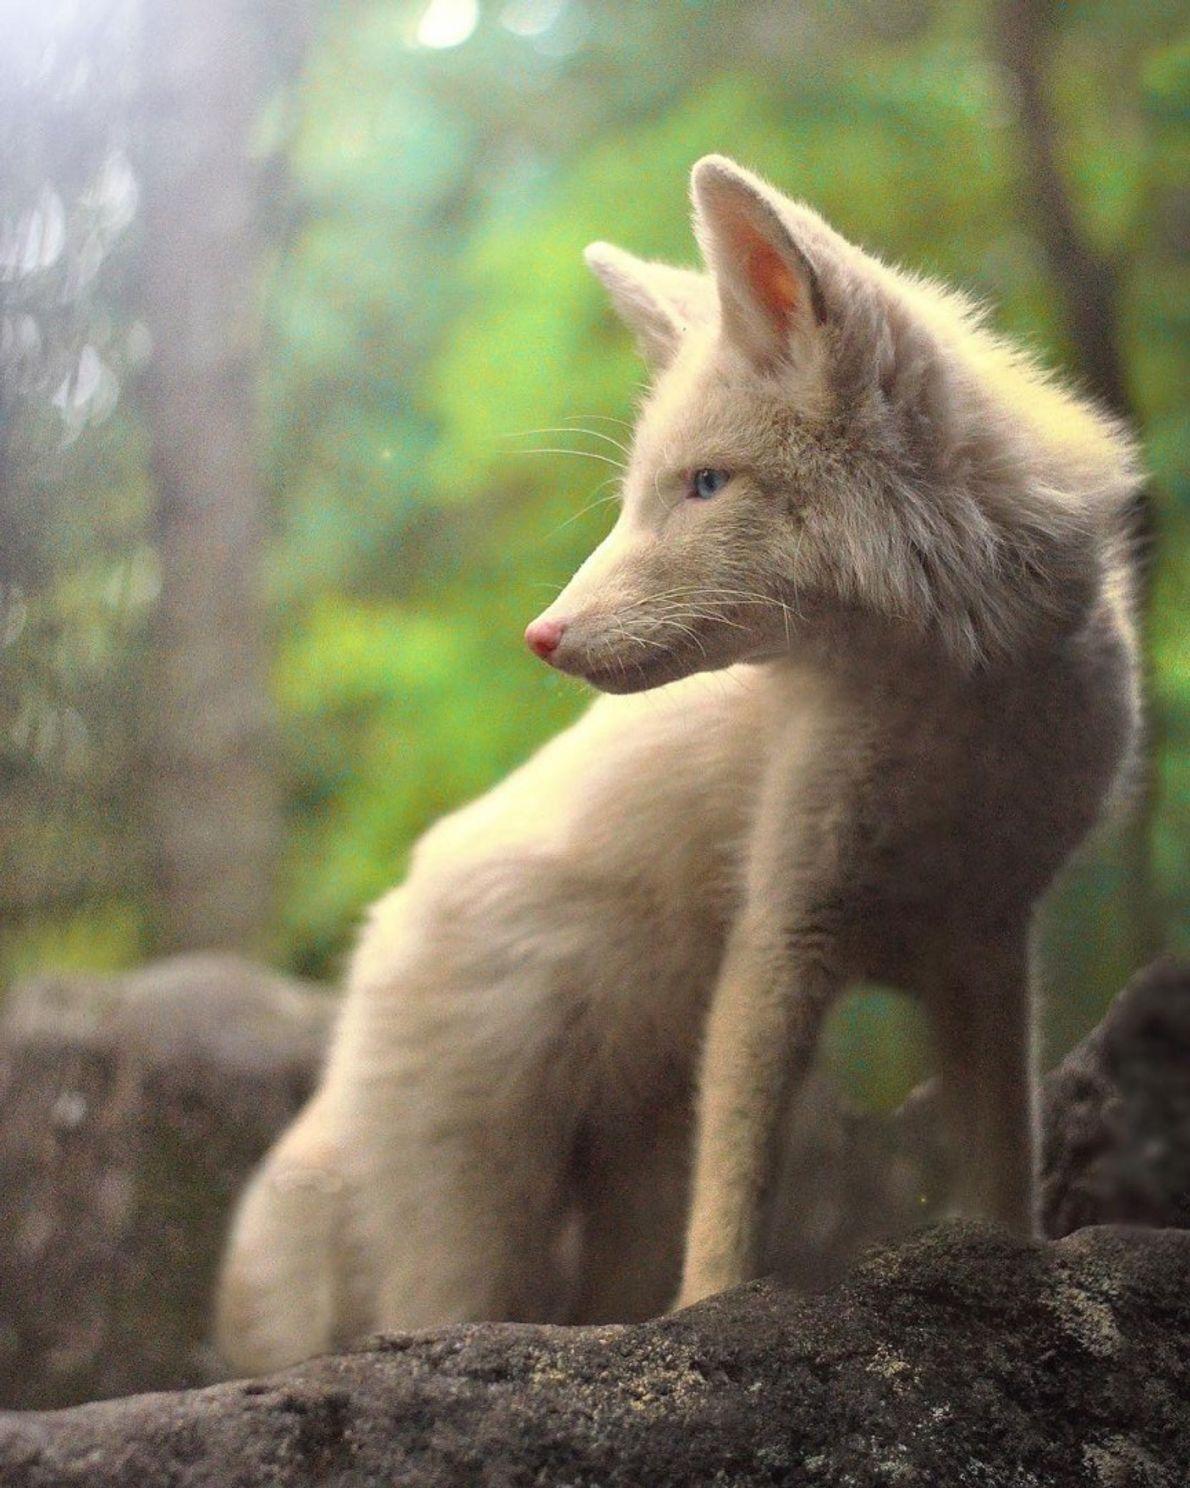 Um Diamante na Floresta. A fotógrafa capturou essa raposa mágica na floresta de Quebec, Canadá.